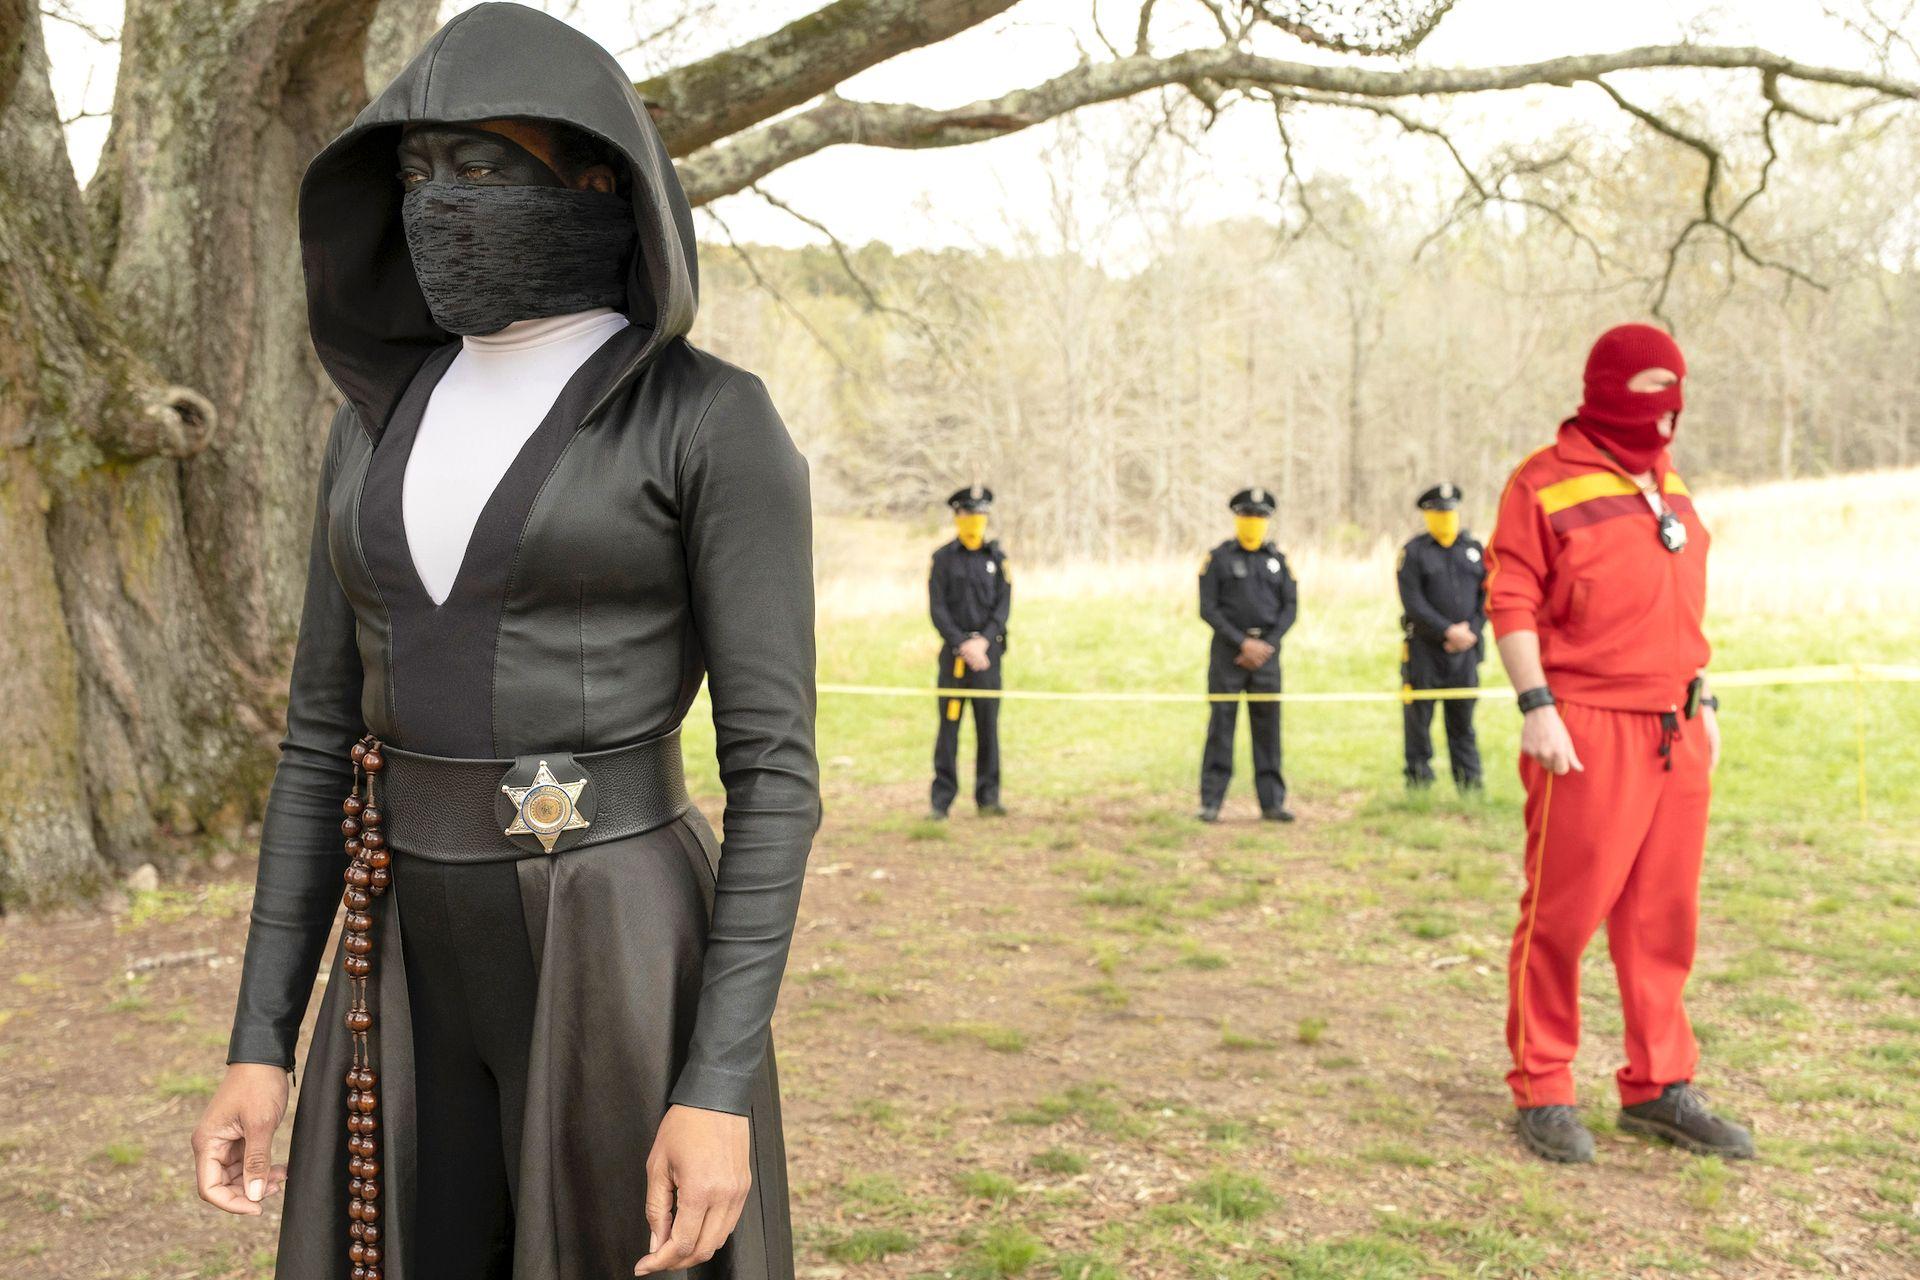 Watchmen Season 2 Spoilers